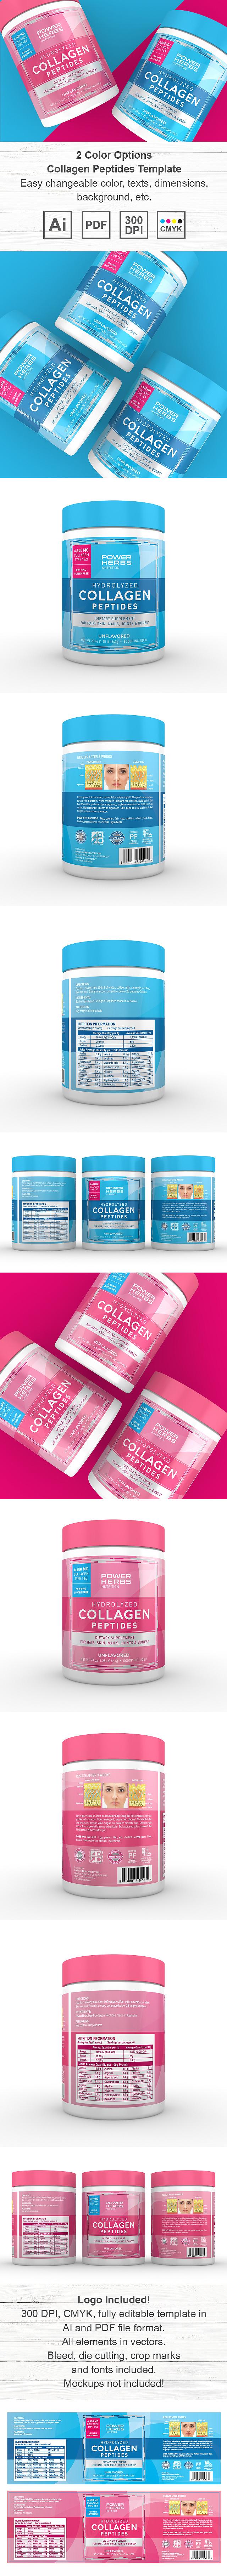 Collagen Peptides Powder Supplement Label Template